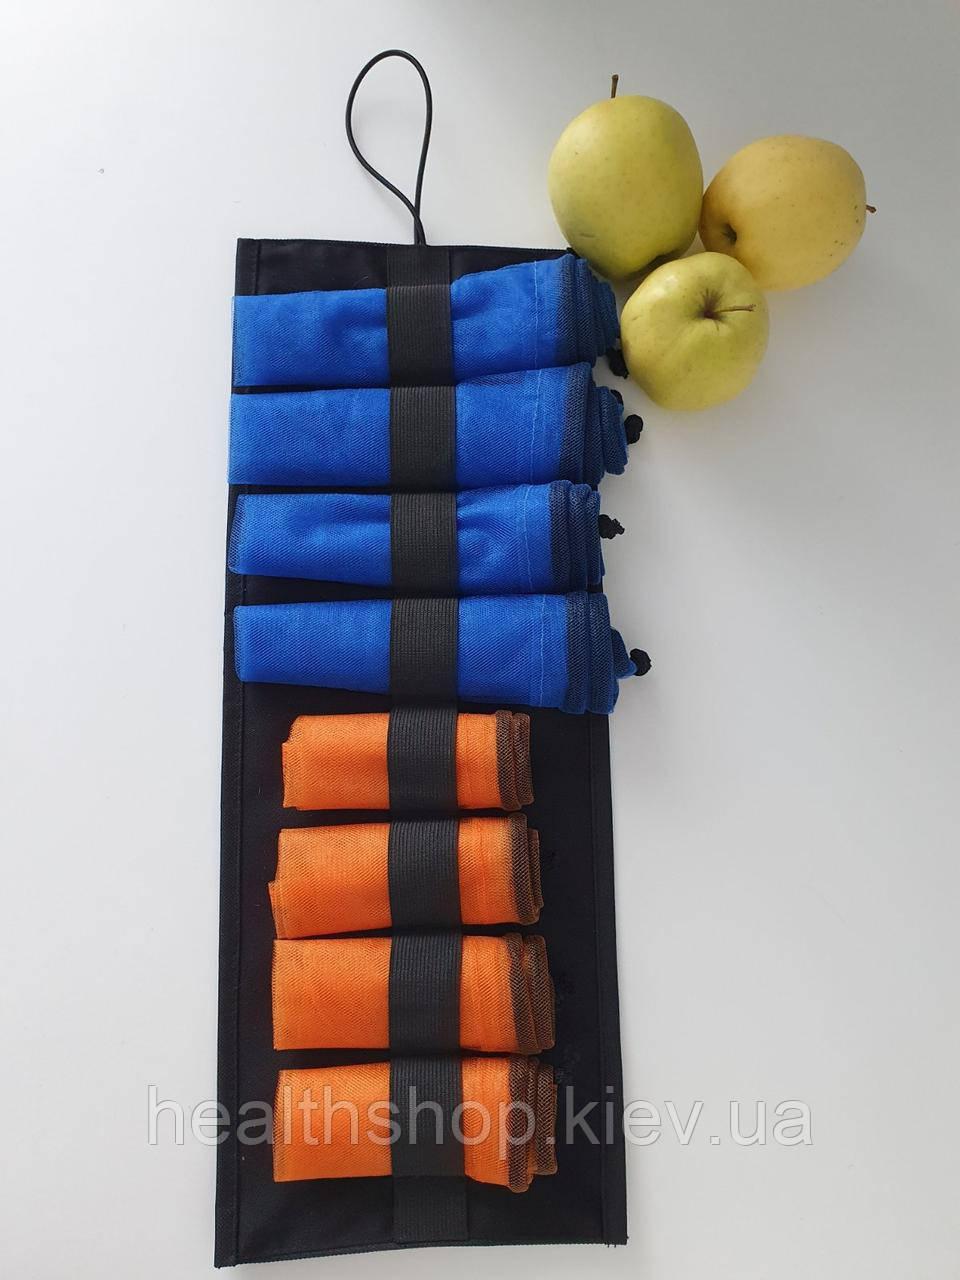 Багаторазові мішечки для продуктів, овочів і фруктів, еко мішечки, сіточки для продуктів 8 шт (+ органайзер)